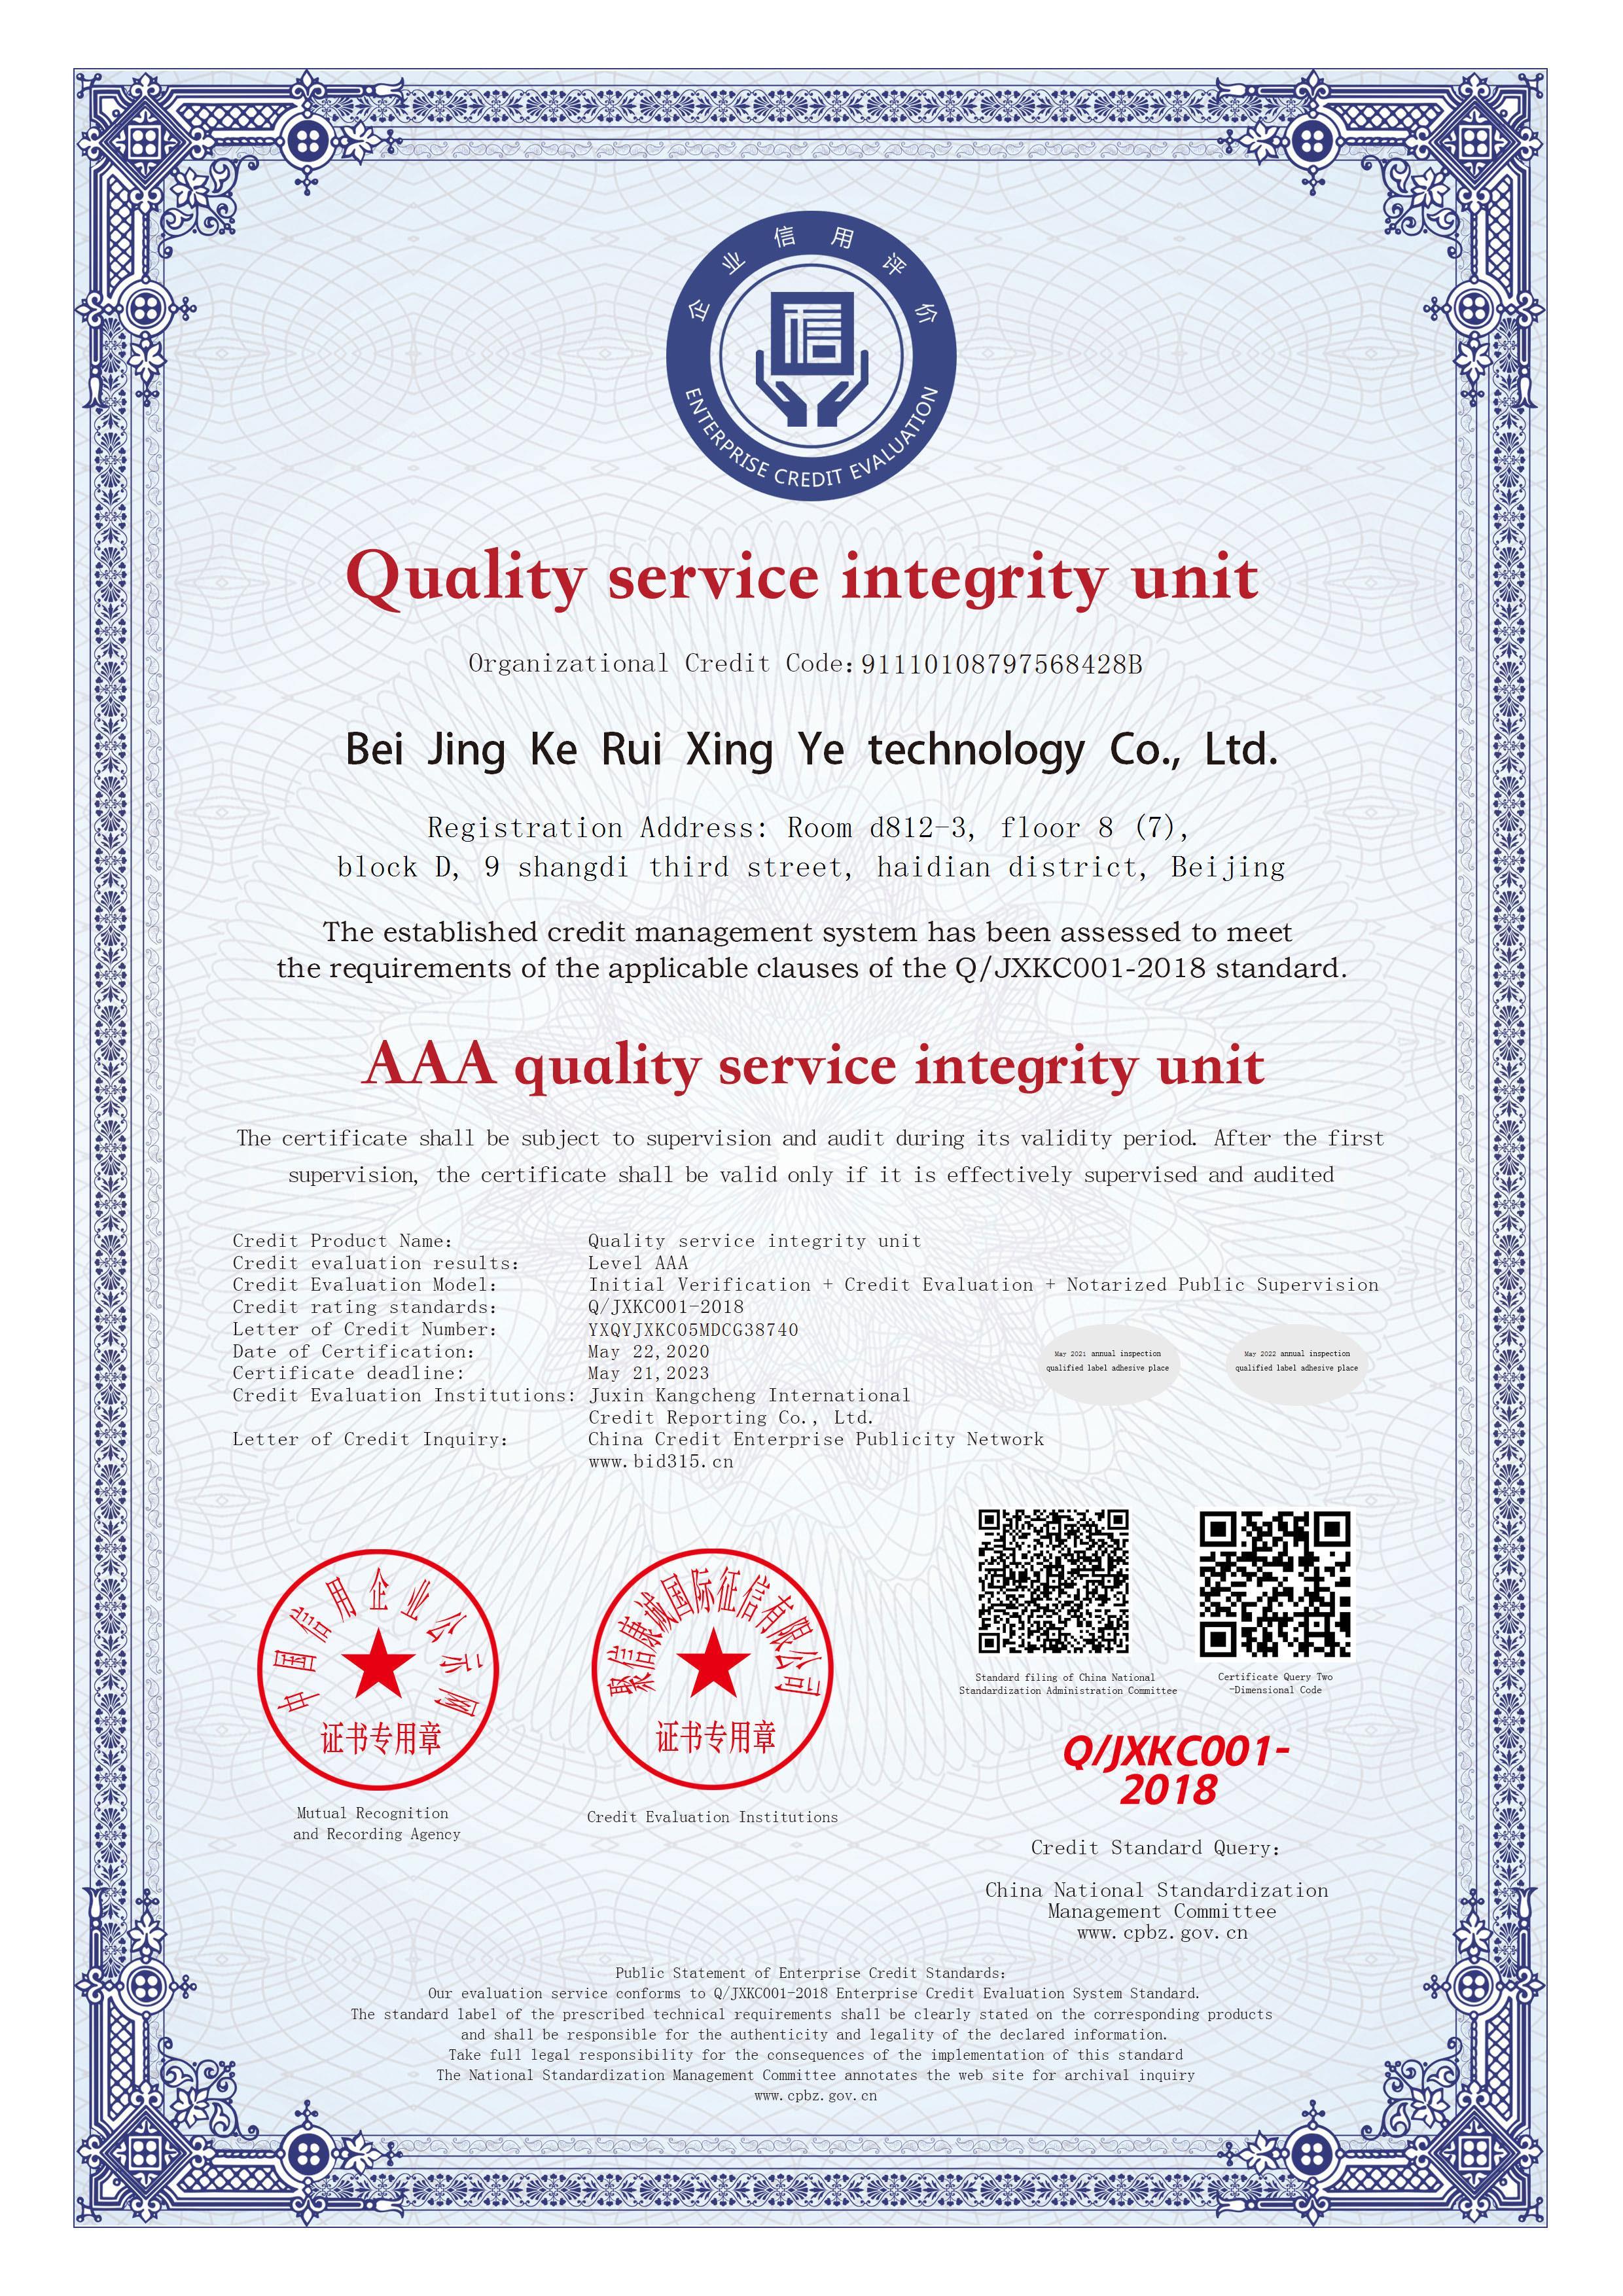 北京科瑞兴业科技有限公司_AAA级质量服务诚信单位_英文版_电子版